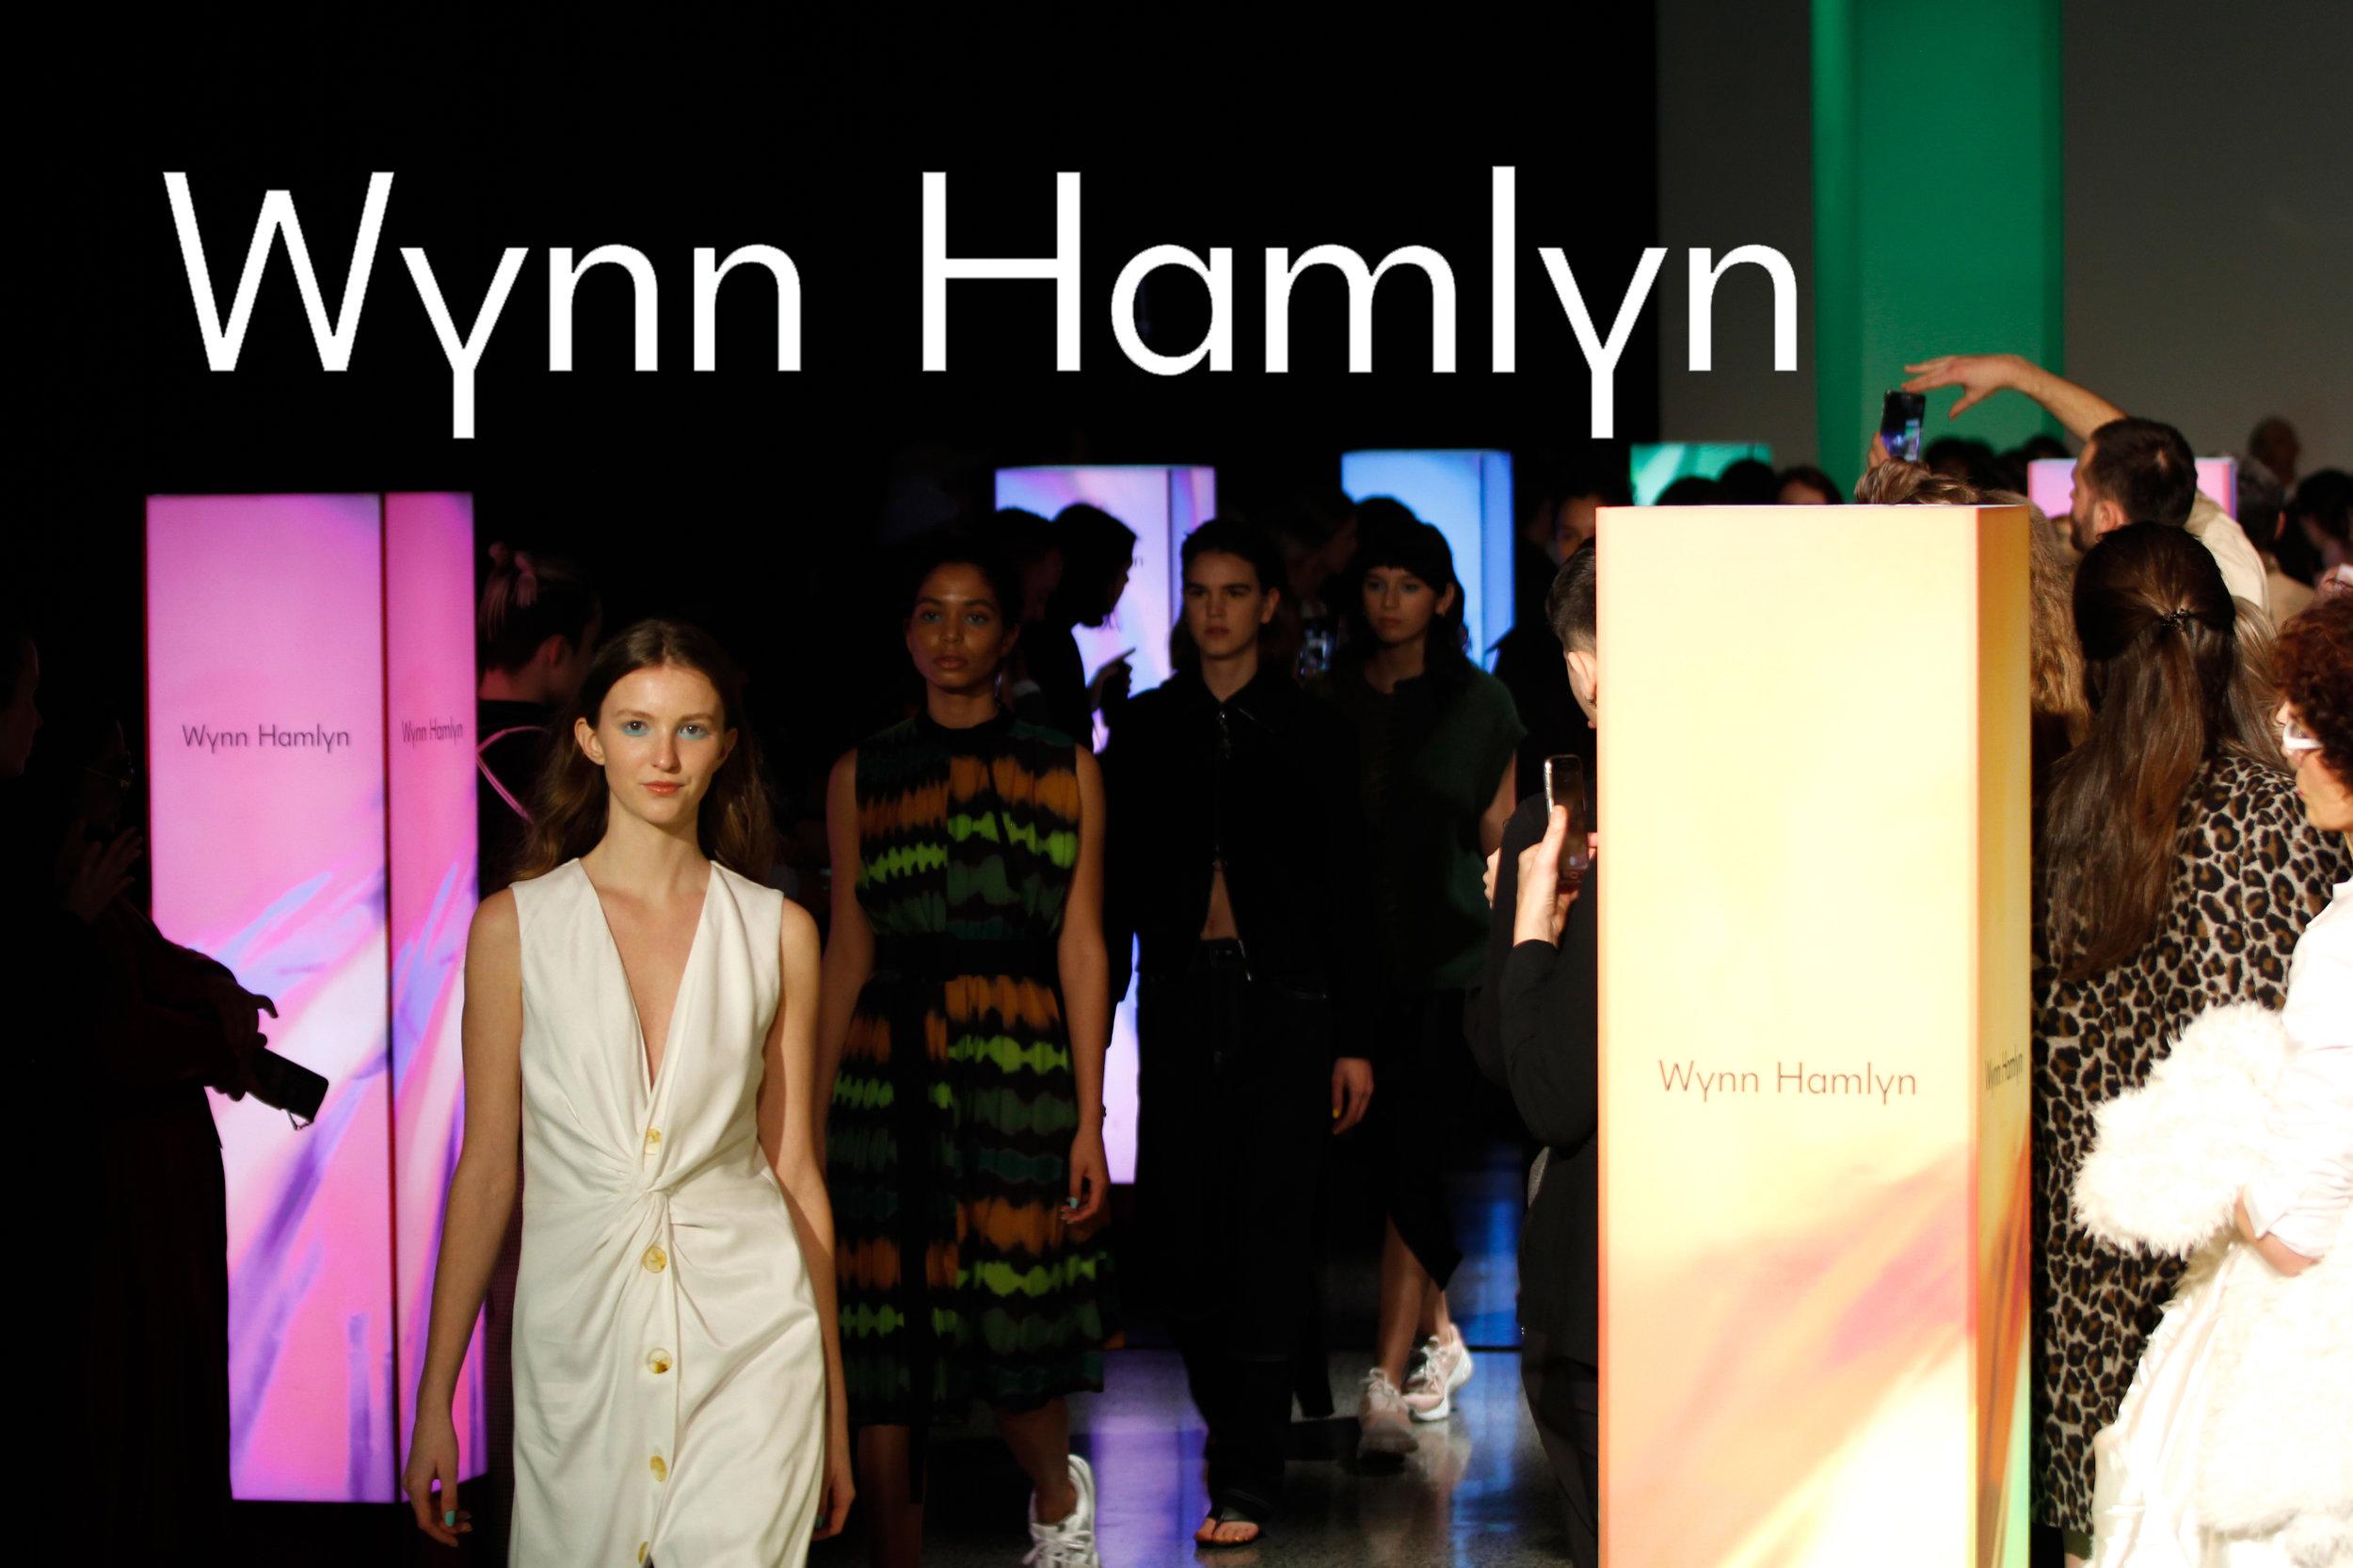 Wynn_Hamlyn_AW19 (8 of 8).jpg